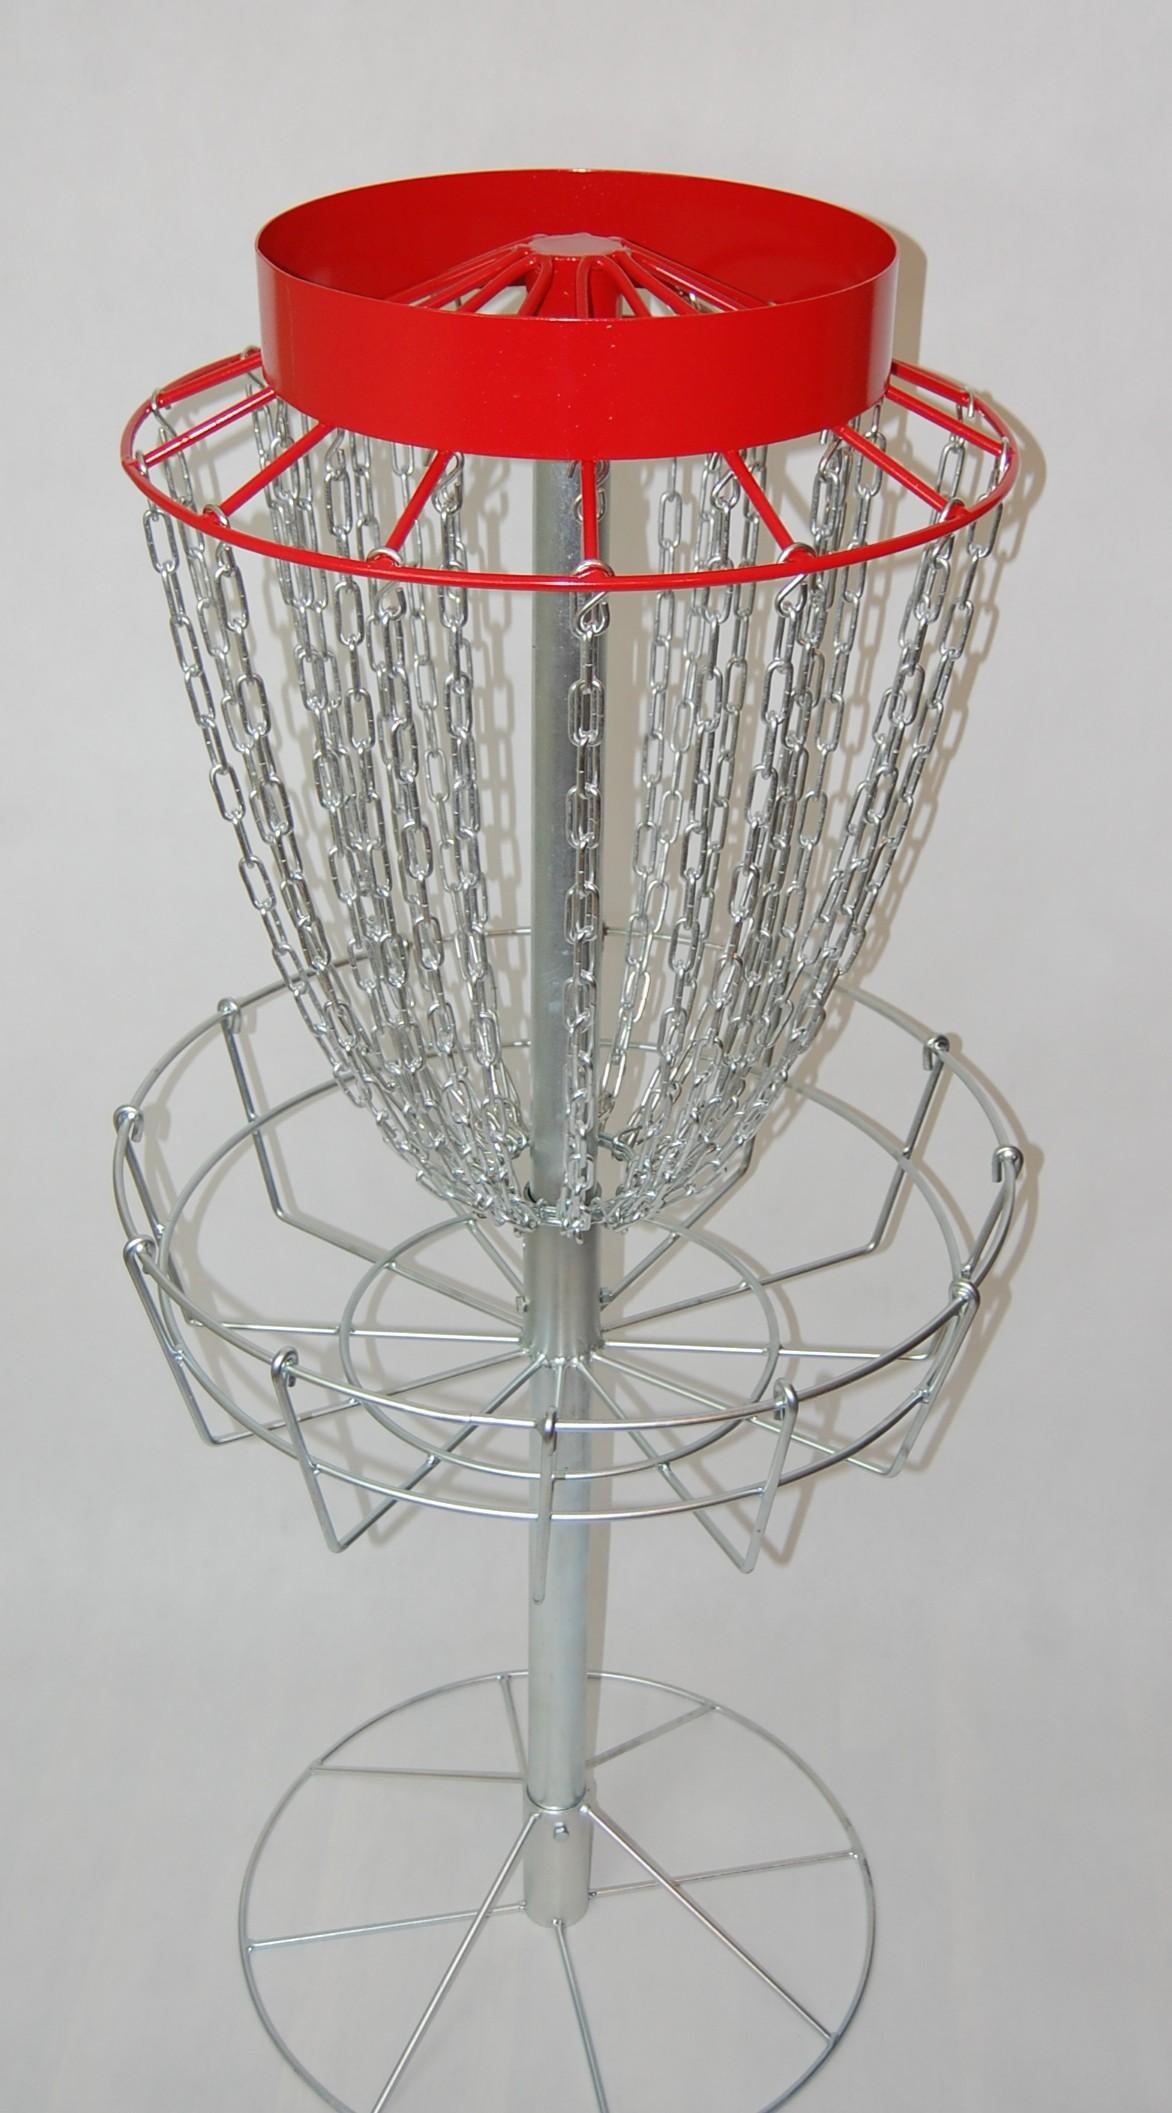 Cardinal Target (red) disc golf